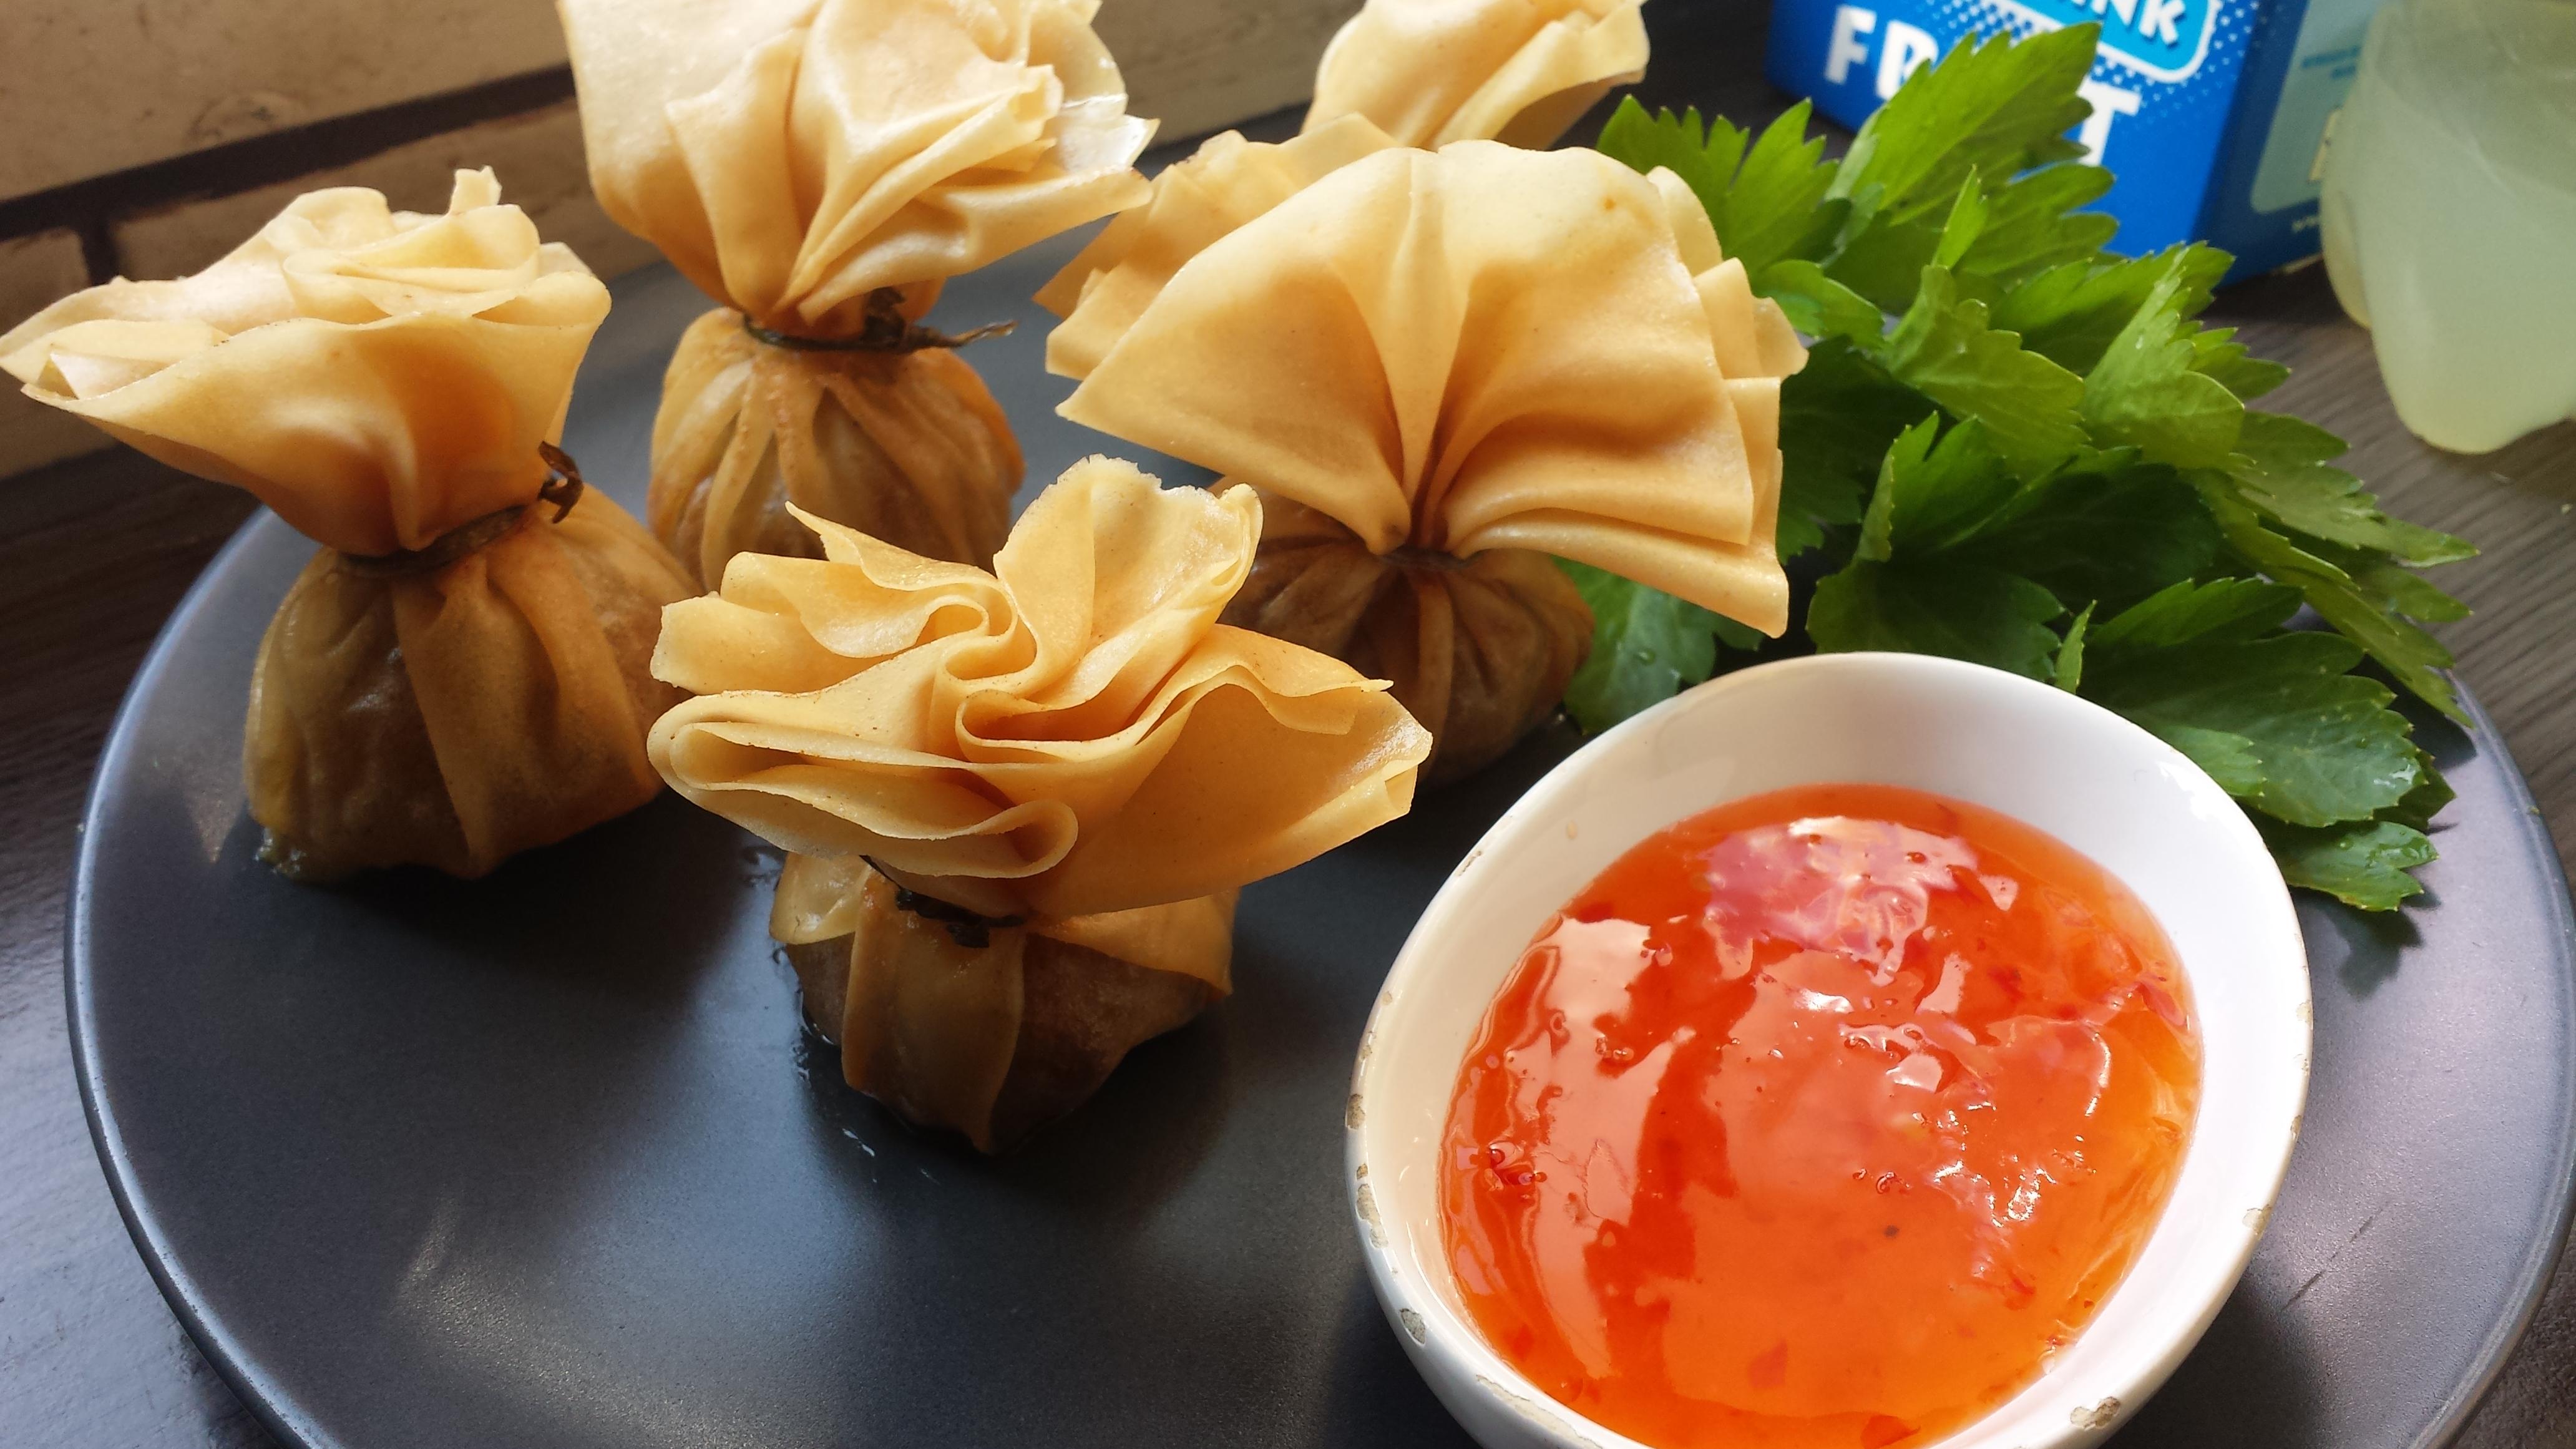 Thung Tong – gefrituurde filodeeg gevuld met gehakt